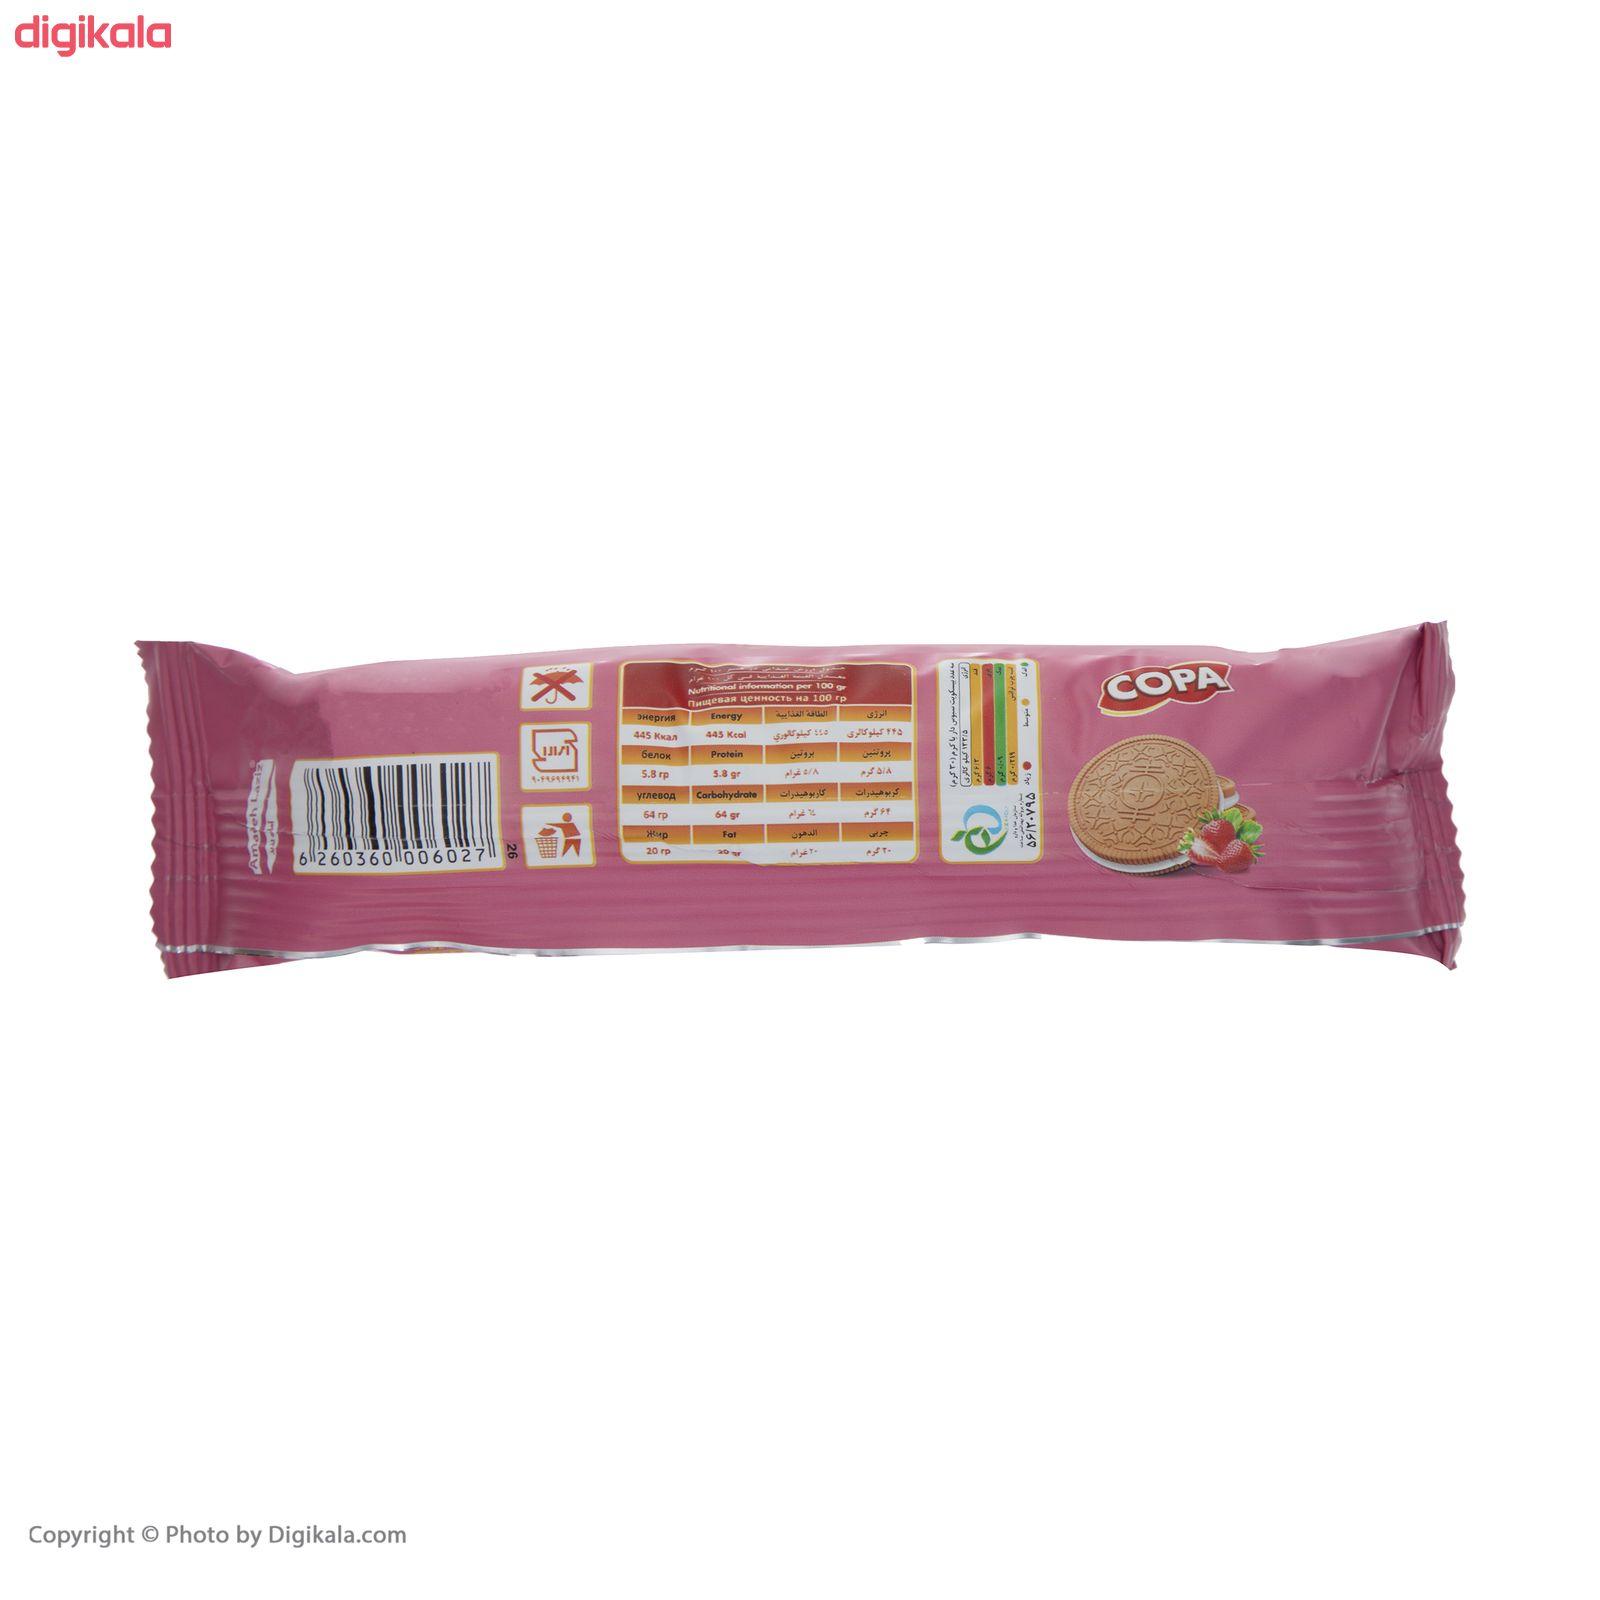 بیسکویت کرمدار دایجستیو کوپا با طعم توت فرنگی - بسته 24 عددی  main 1 5